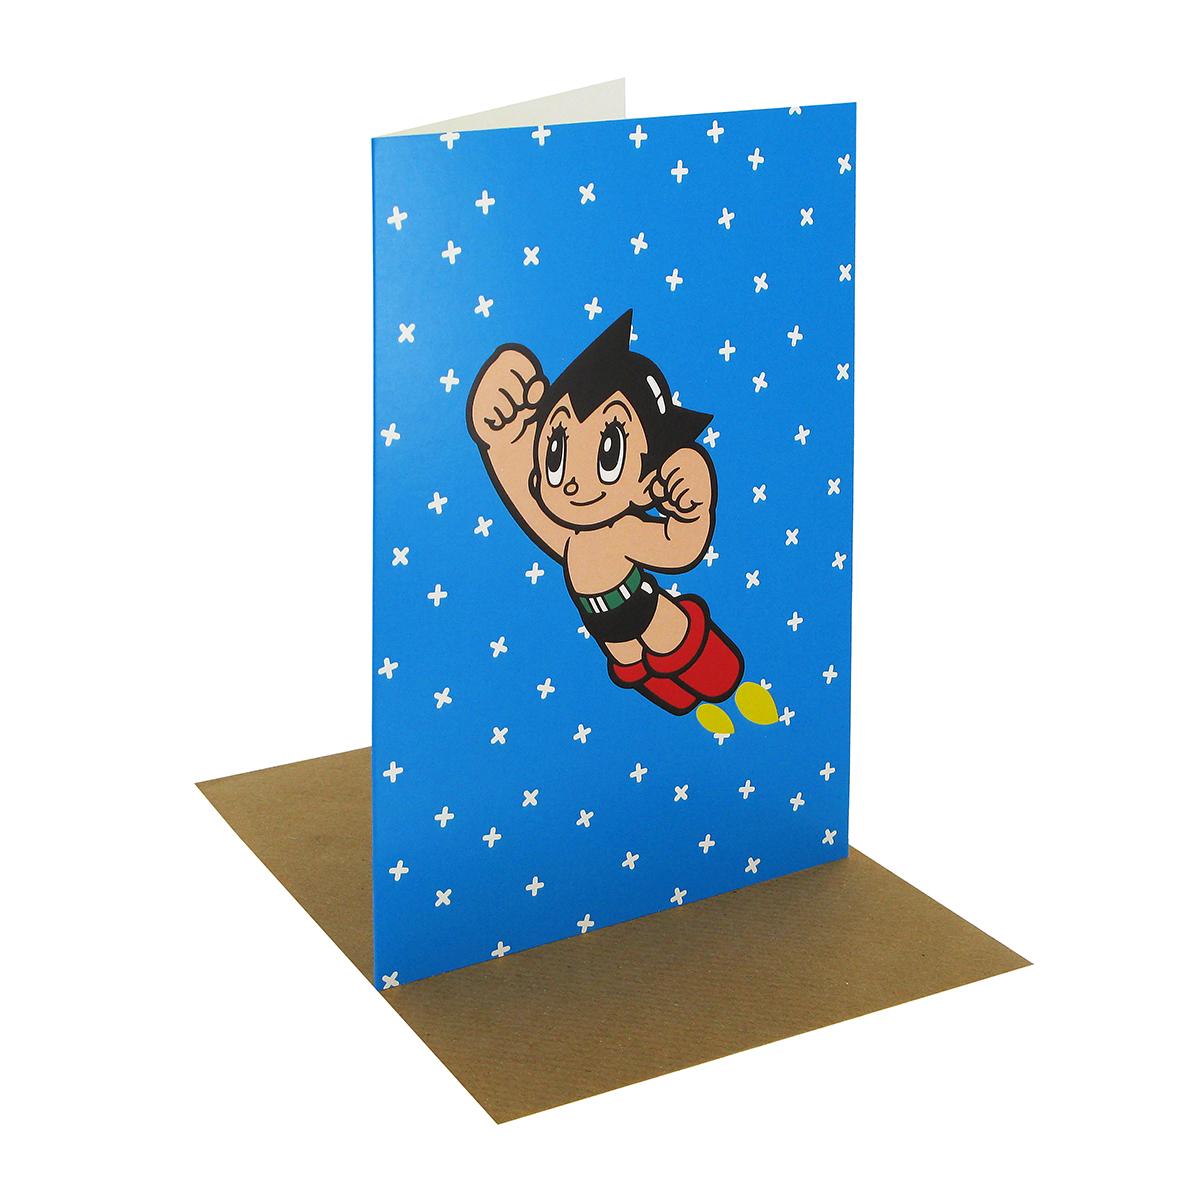 Astro boy greeting card (blue)